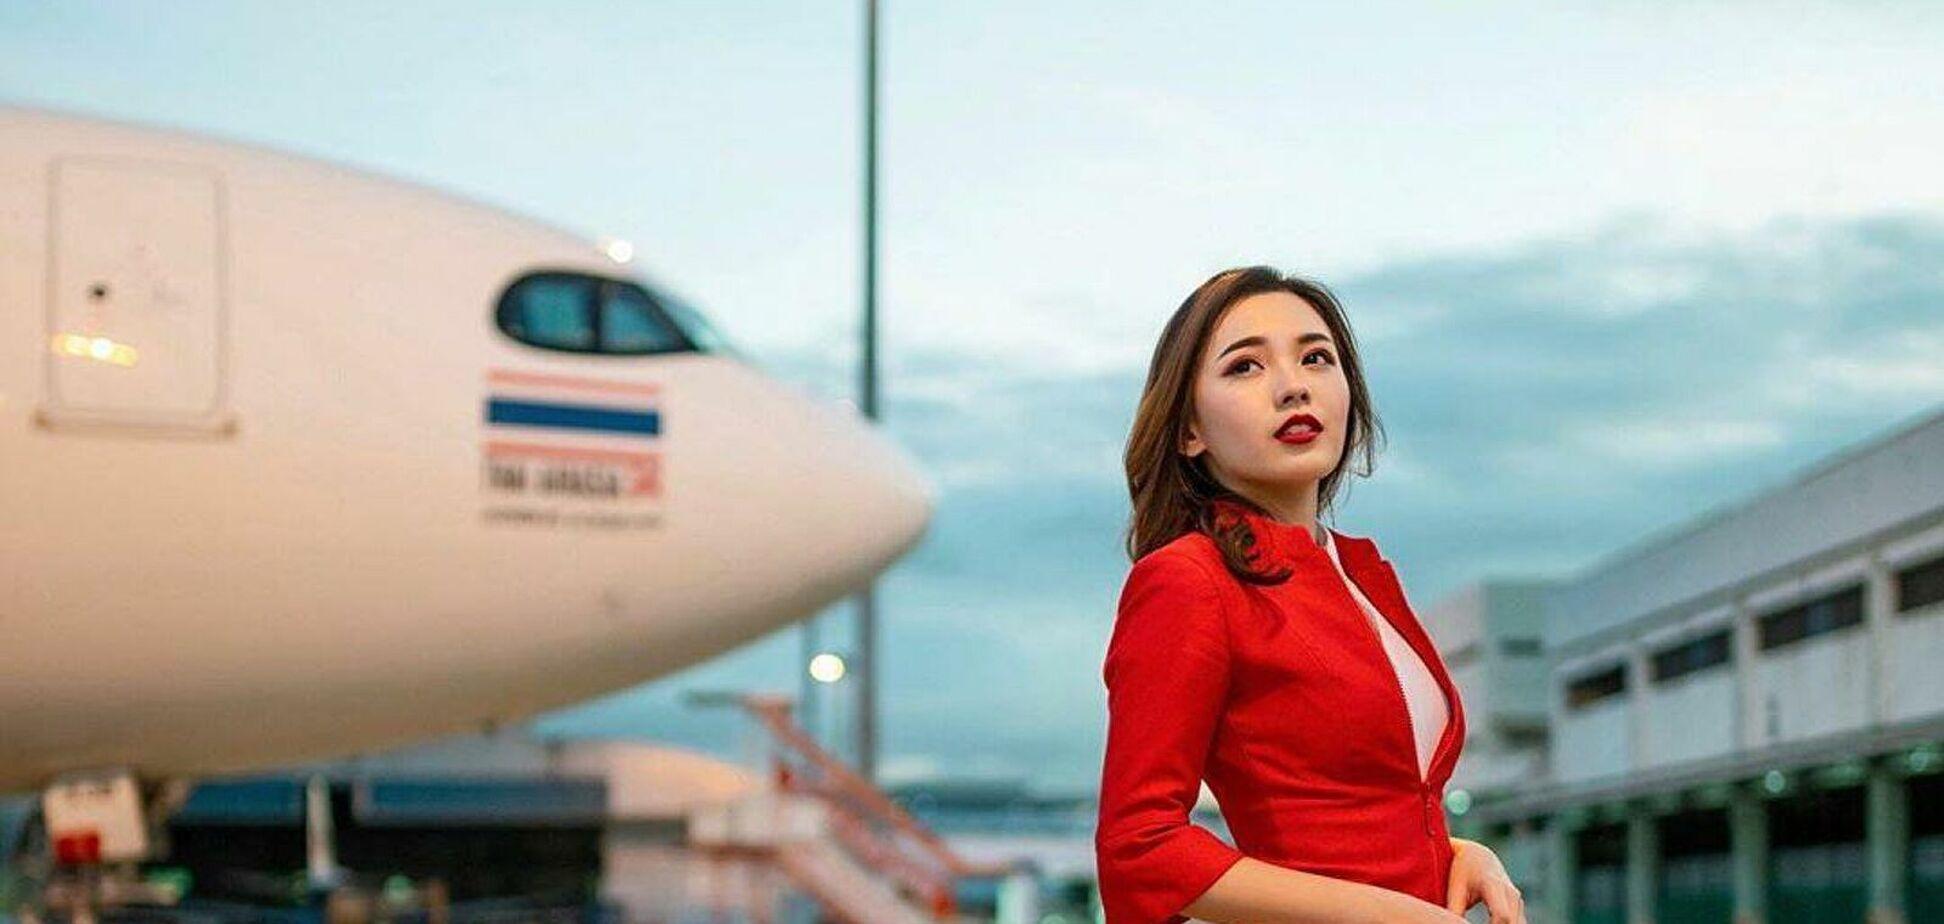 Як виглядає найкрасивіша стюардеса в світі